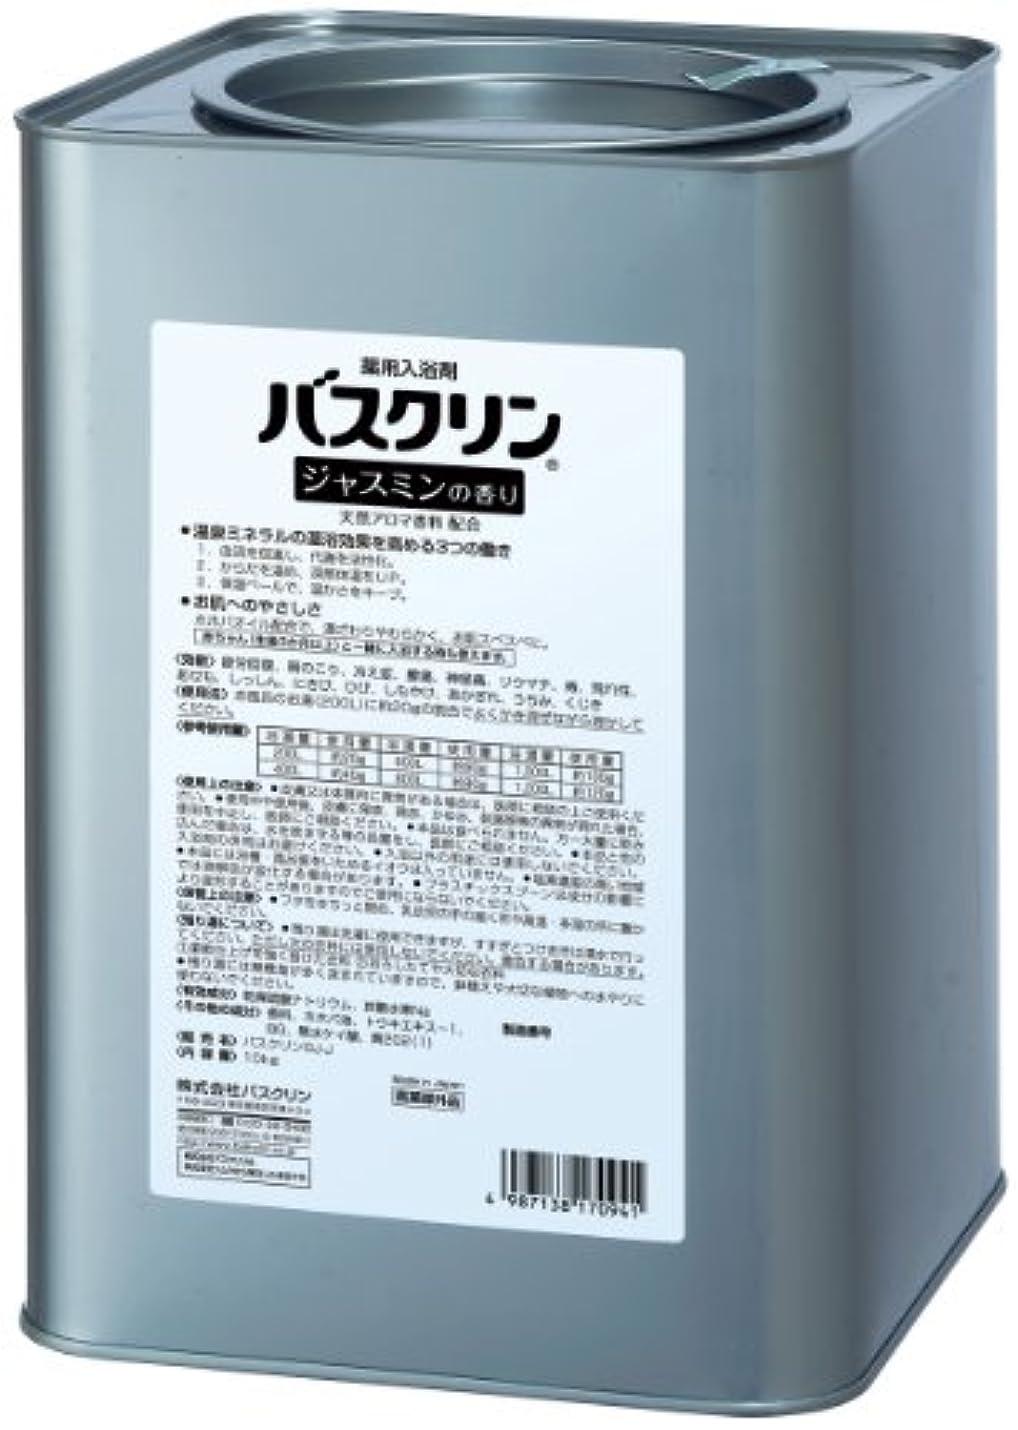 自転車送料シンポジウム【業務用】バスクリン ジャスミン 10kg 入浴剤